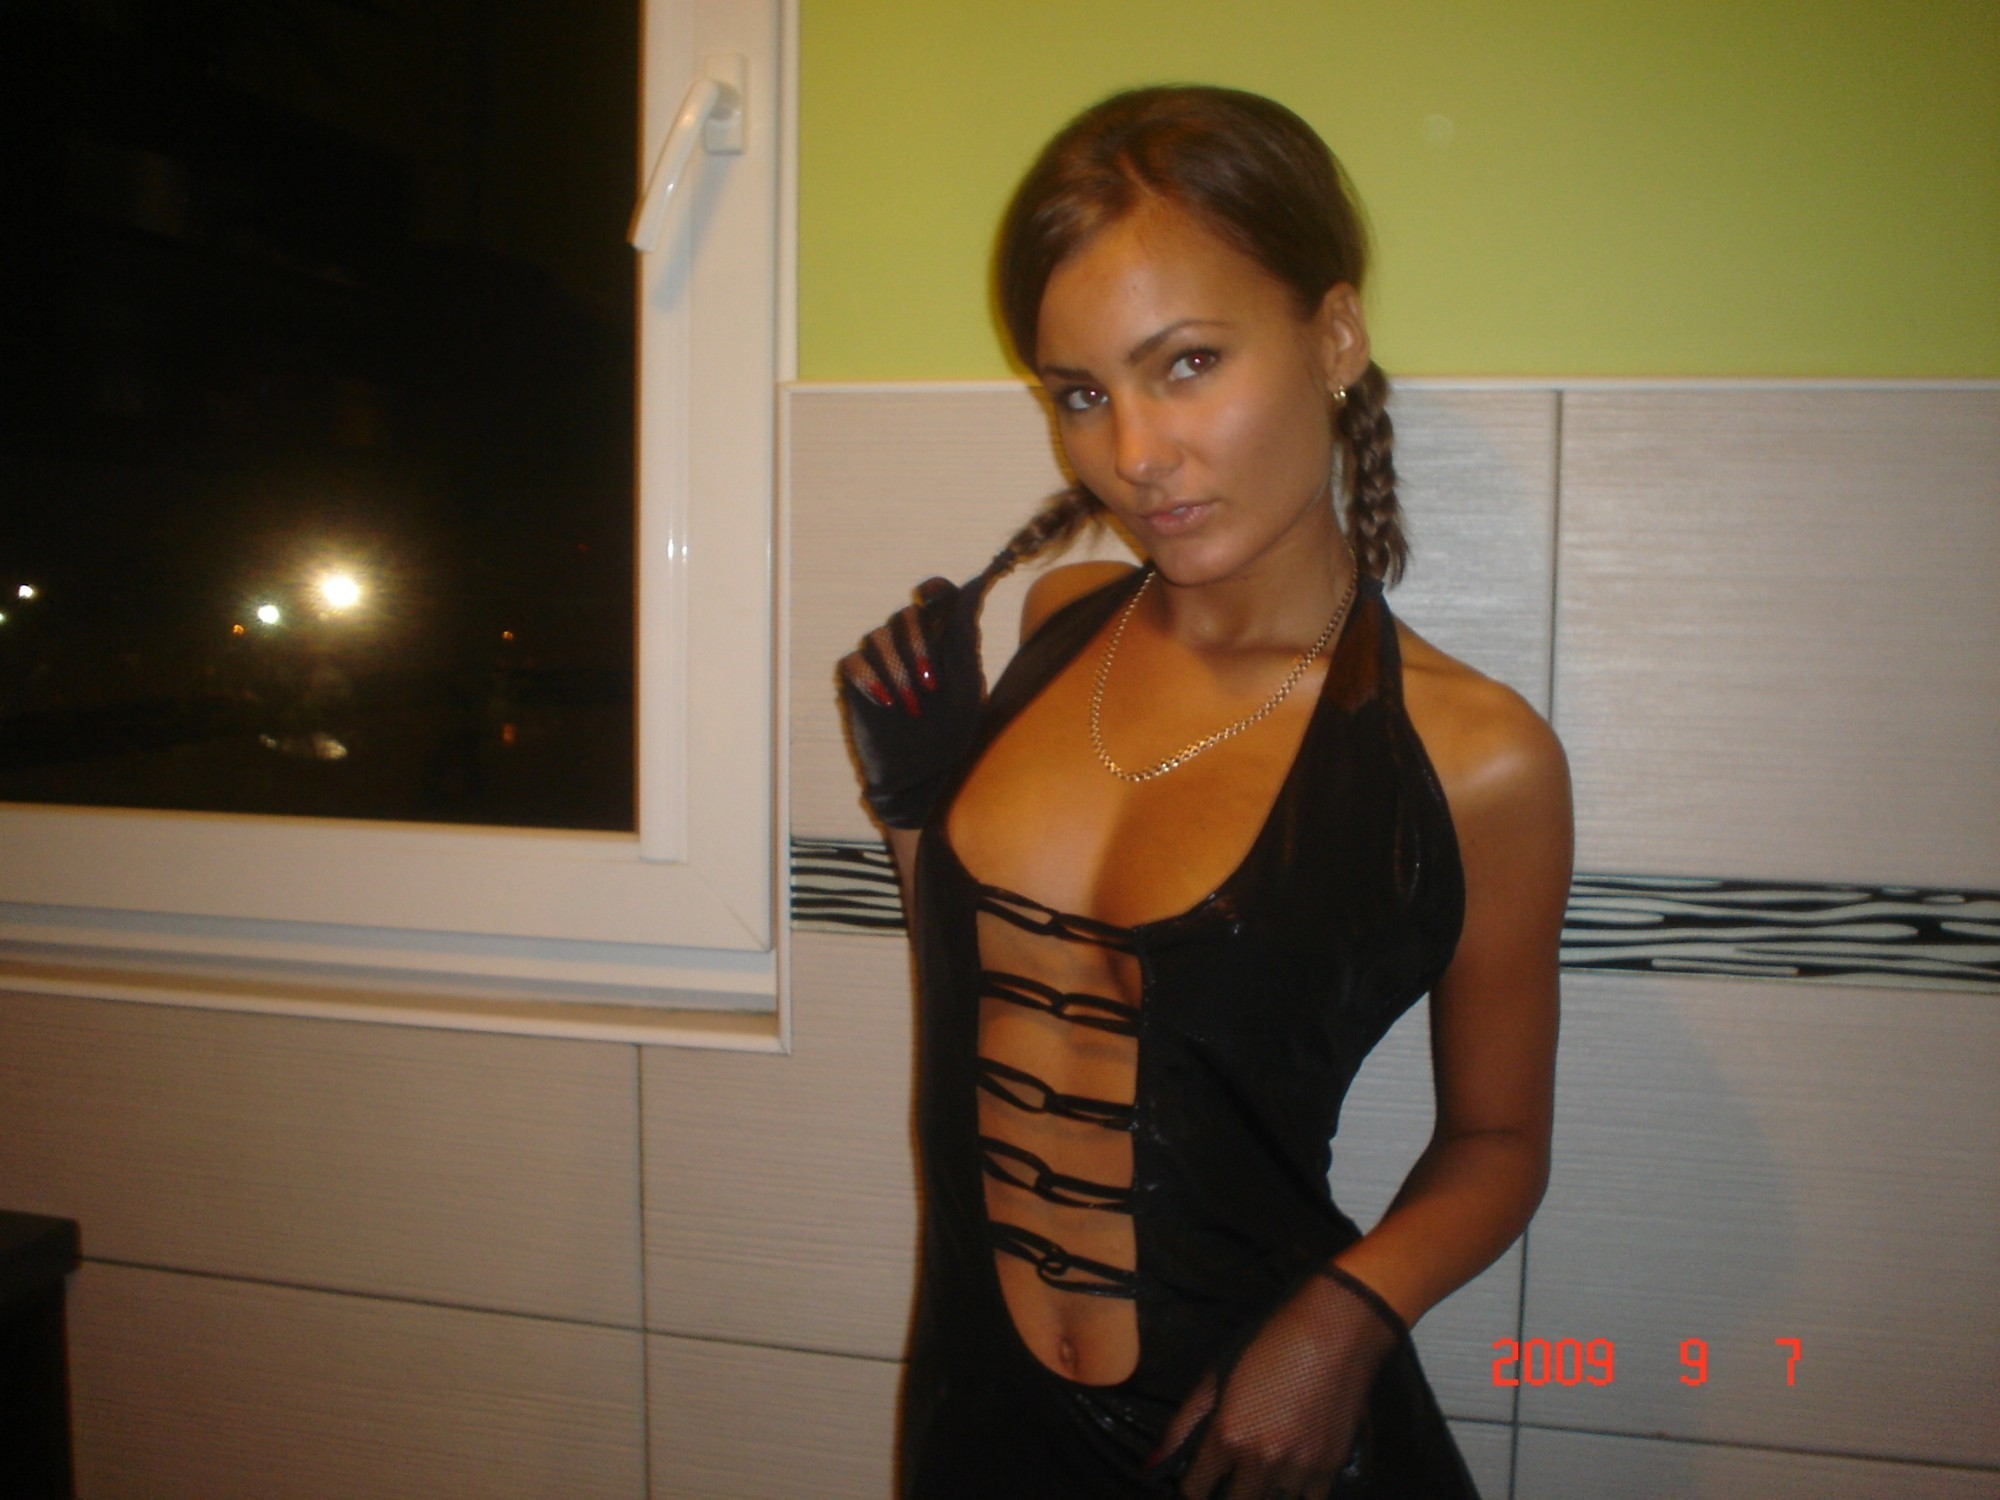 Шикарная голая дама в чулках